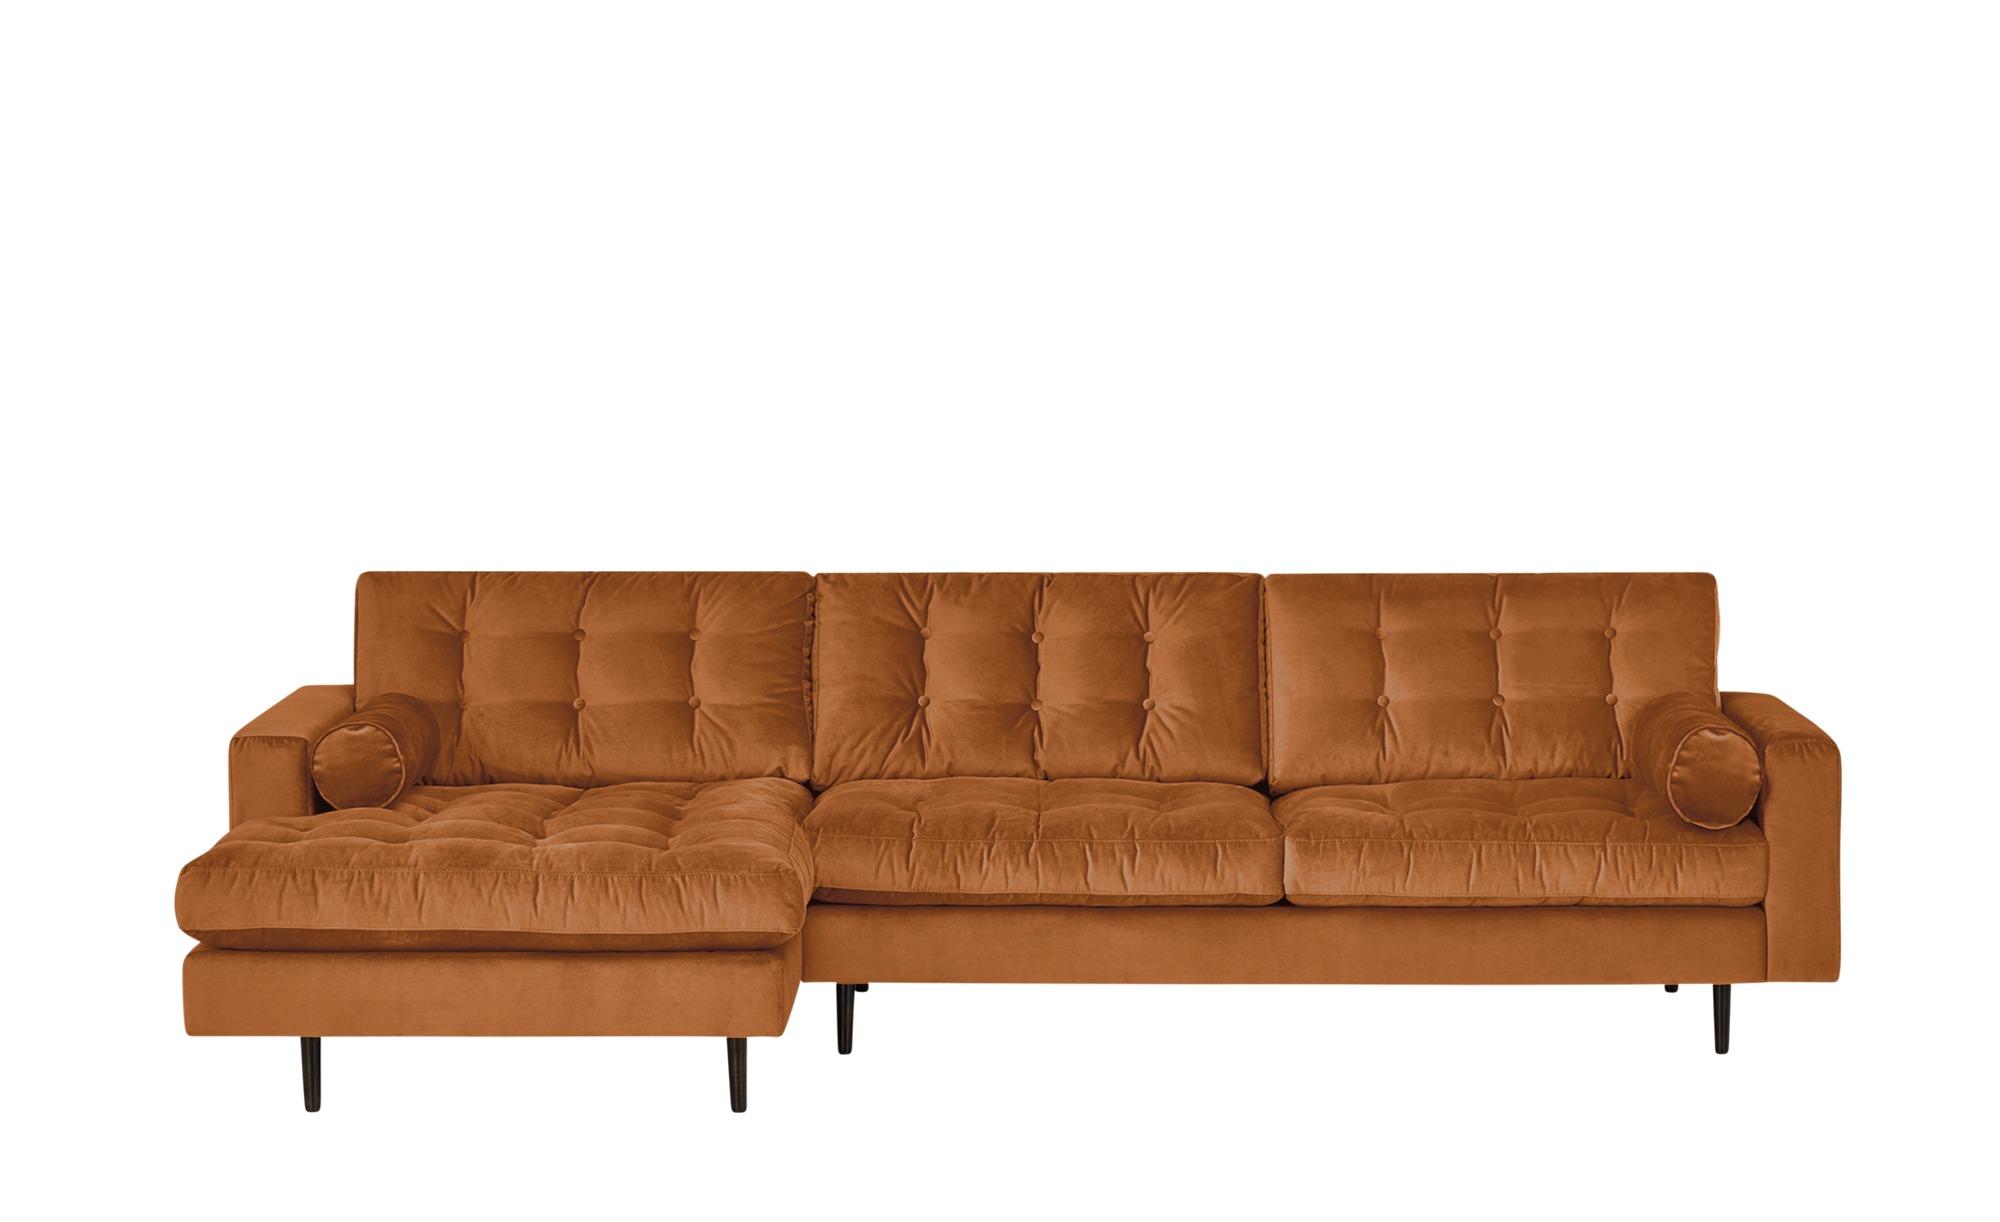 Gray & Jones Ecksofa  Tierra Fuego Gypsy ¦ orange ¦ Maße (cm): H: 90 Polstermöbel > Sofas > Ecksofas - Höffner